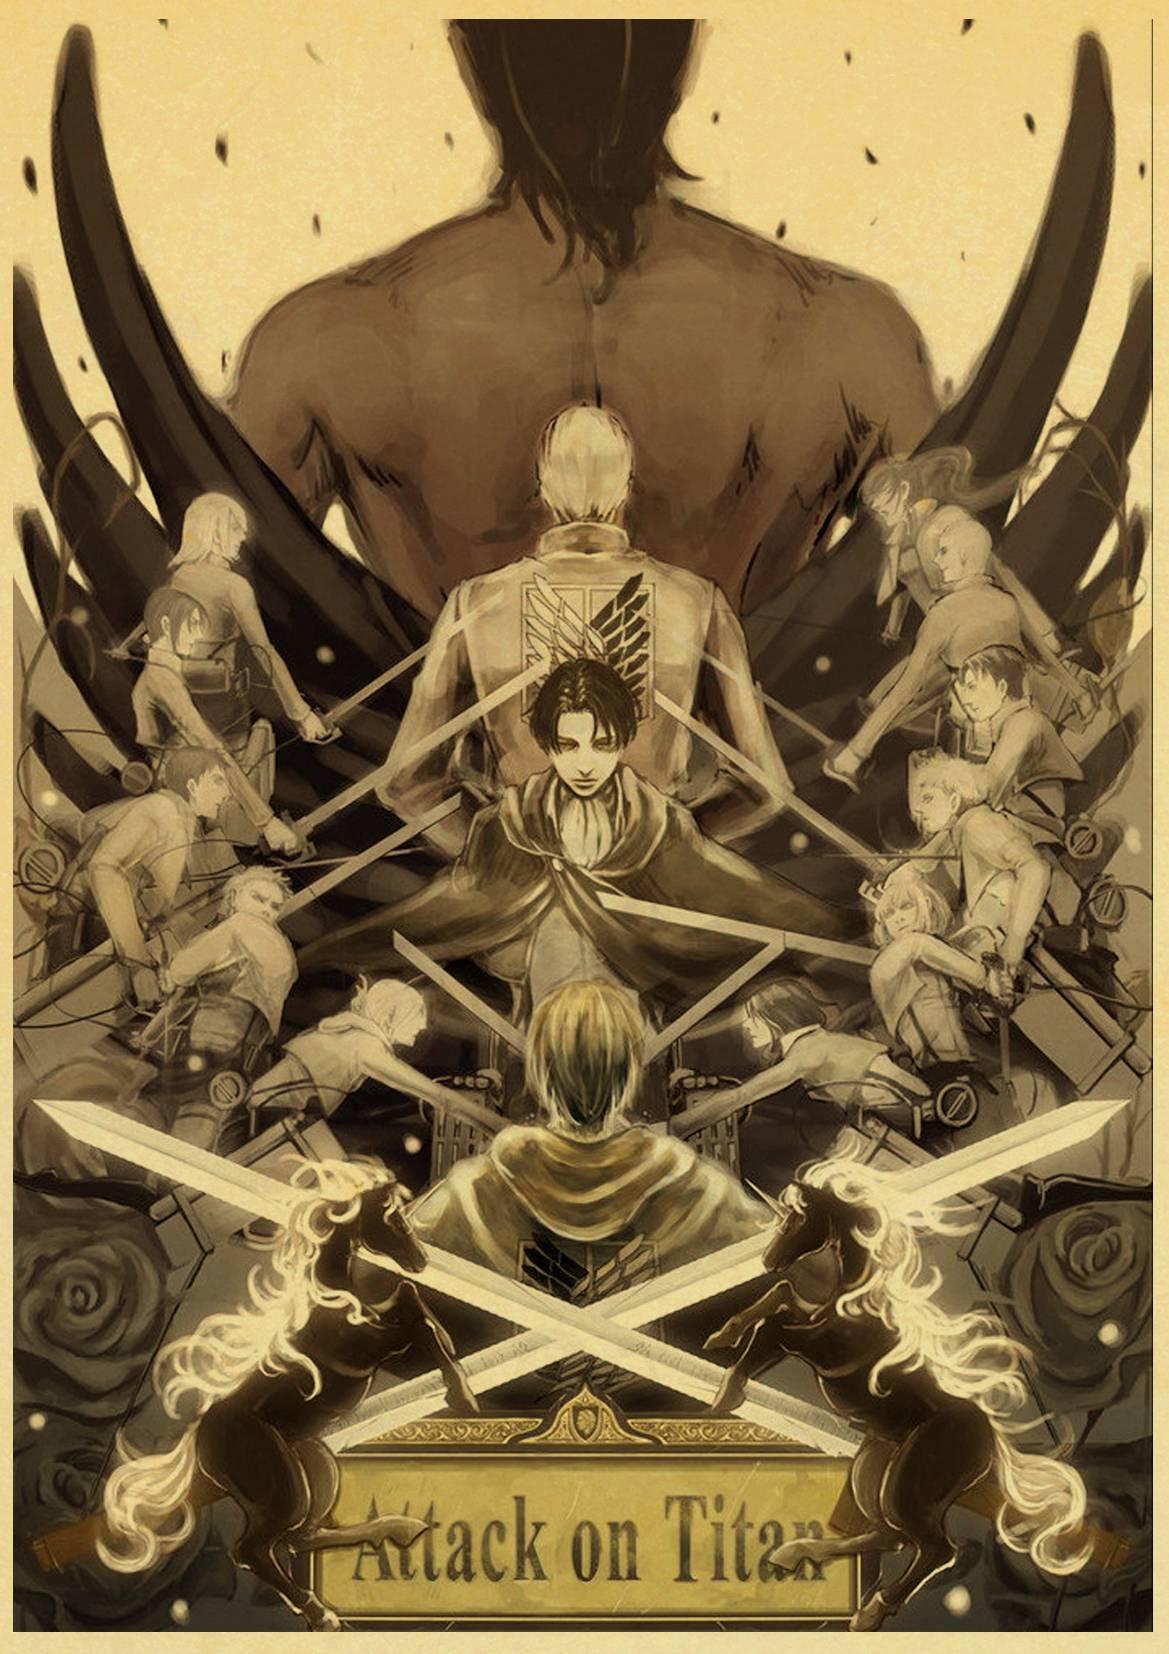 Японское аниме «атака на Титанов», ретро мультяшная живопись, домашний декор, Настенный декор, качественный холст для гостиной, художествен...